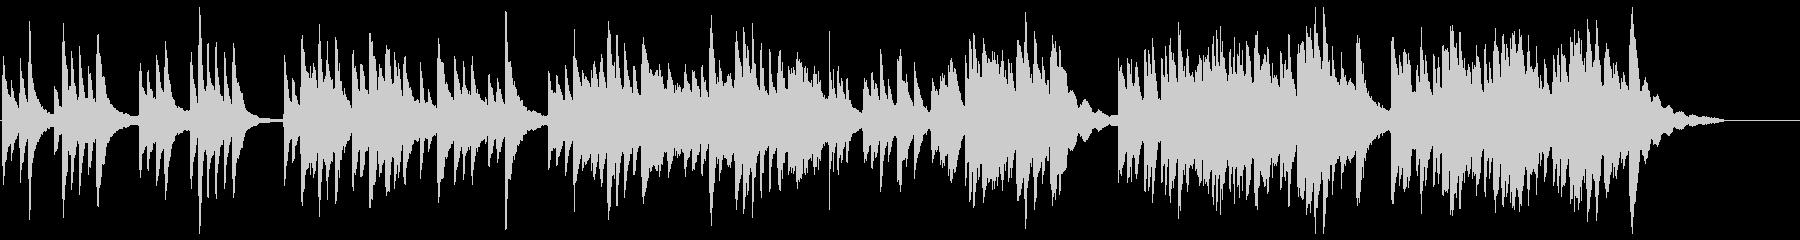 ゆったりとした、琴の和風曲の未再生の波形